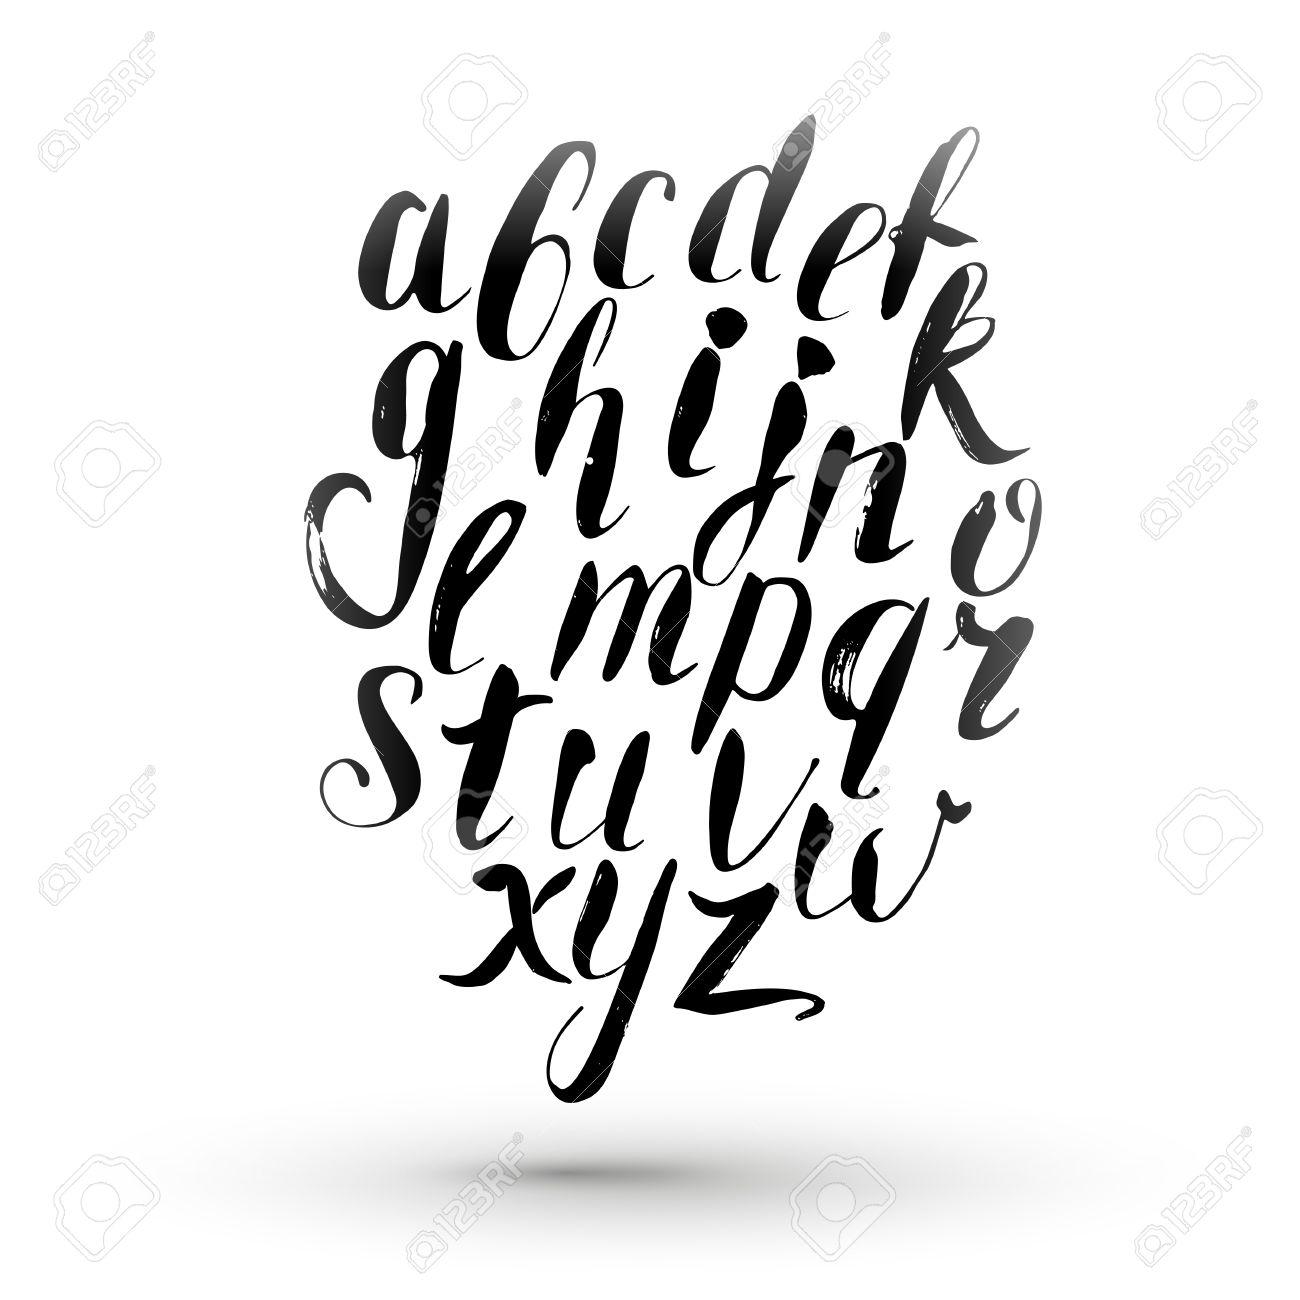 Inkt Kalligrafie Engels Alfabet Vector Geïsoleerd Hand Tekenen